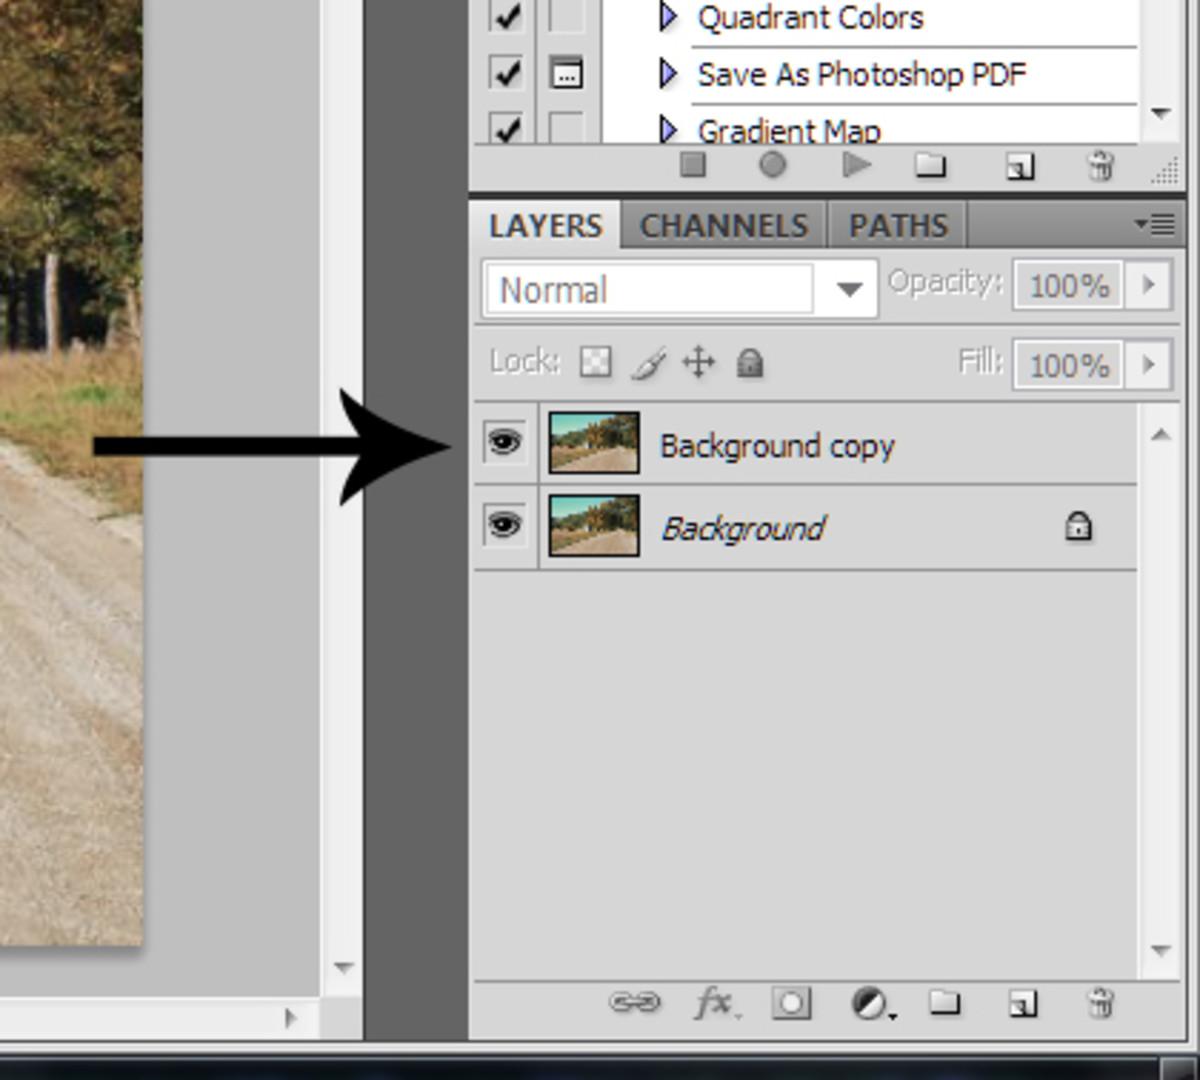 Create a duplicate layer.